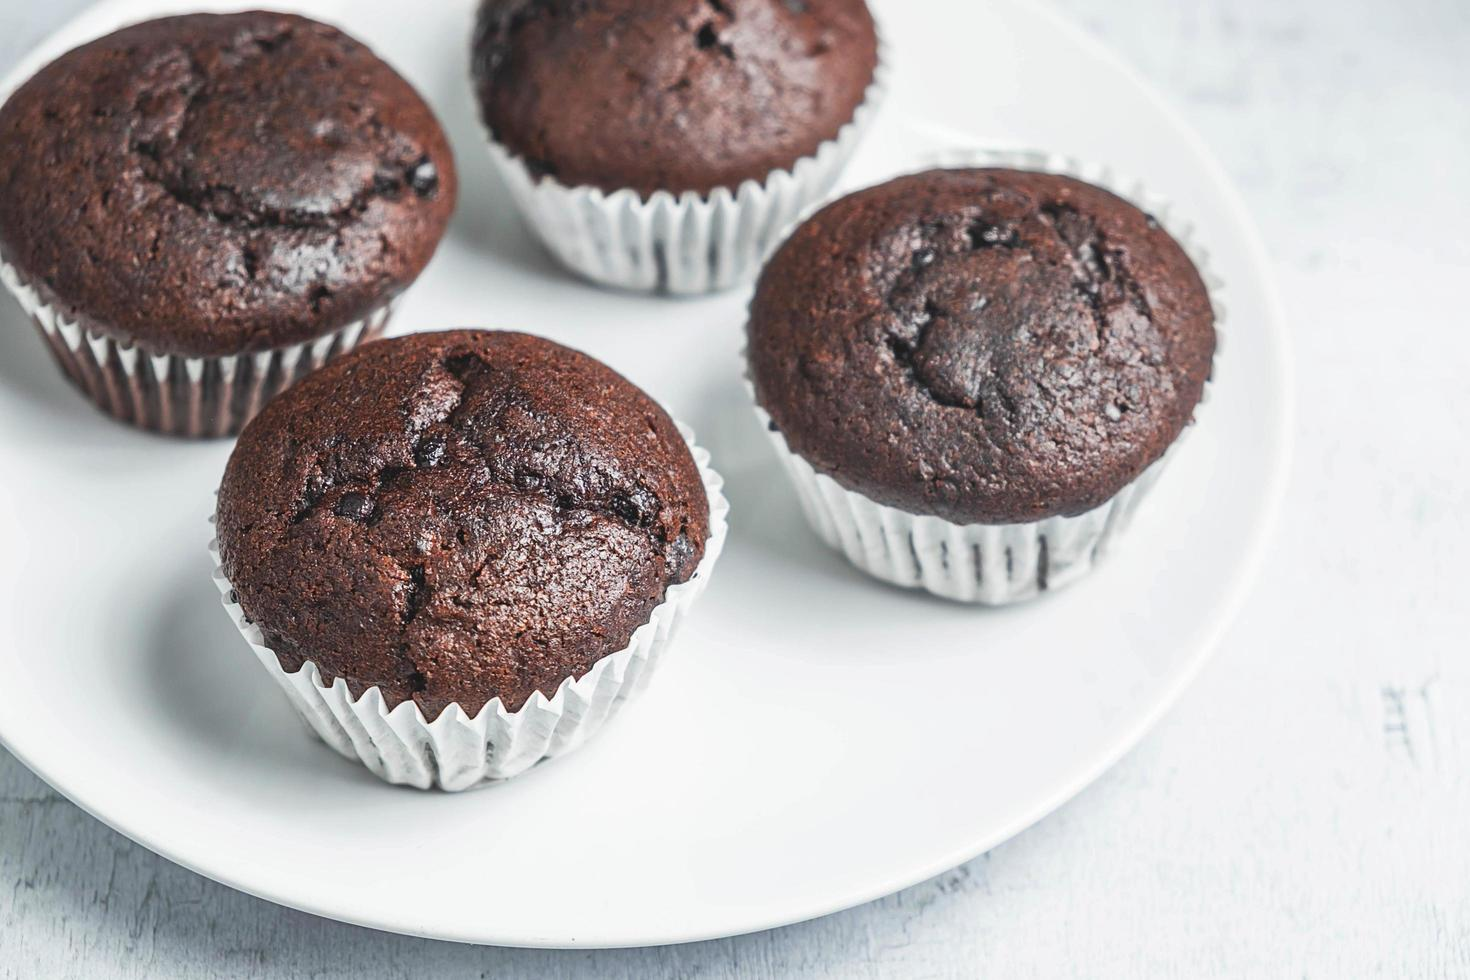 muffins de chocolate em um fundo branco foto